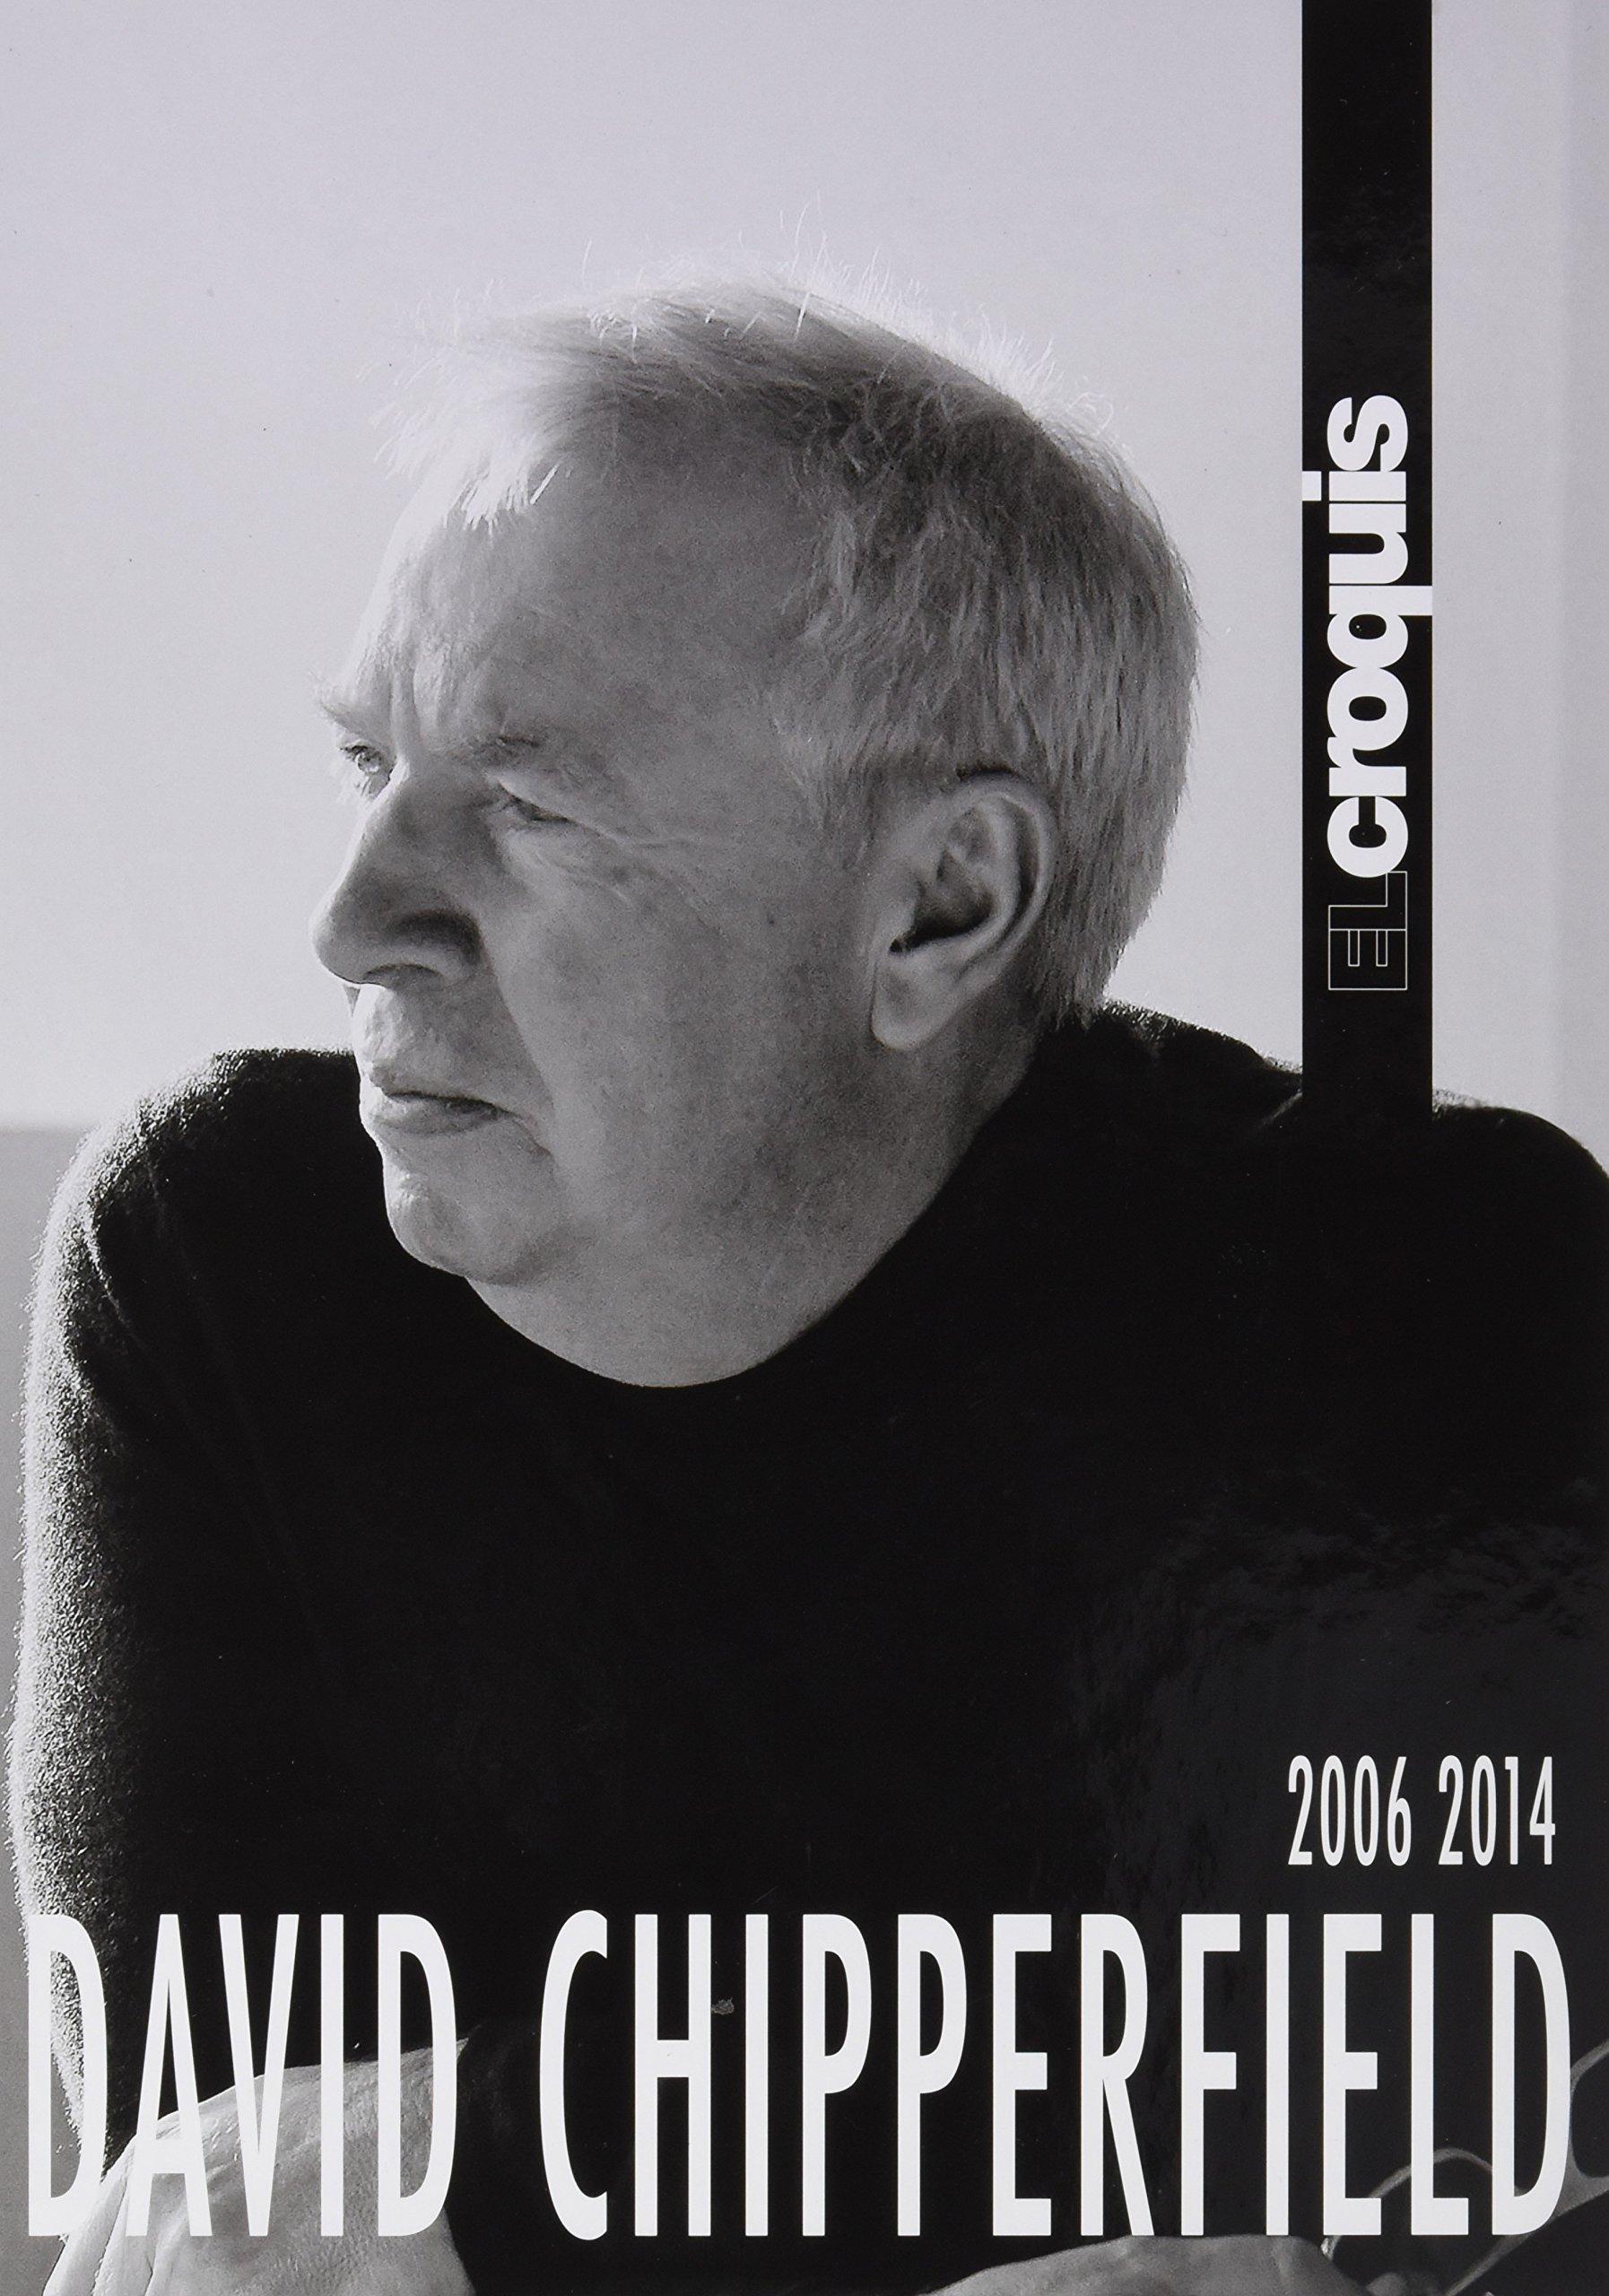 DAVID CHIPPERFIELD 2006 / 2014 (Inglés) Tapa dura – 10 mar 2018 Publicación de Arquitectura Construcción y Diseño S.L. EL CROQUIS JAIME BENYEI